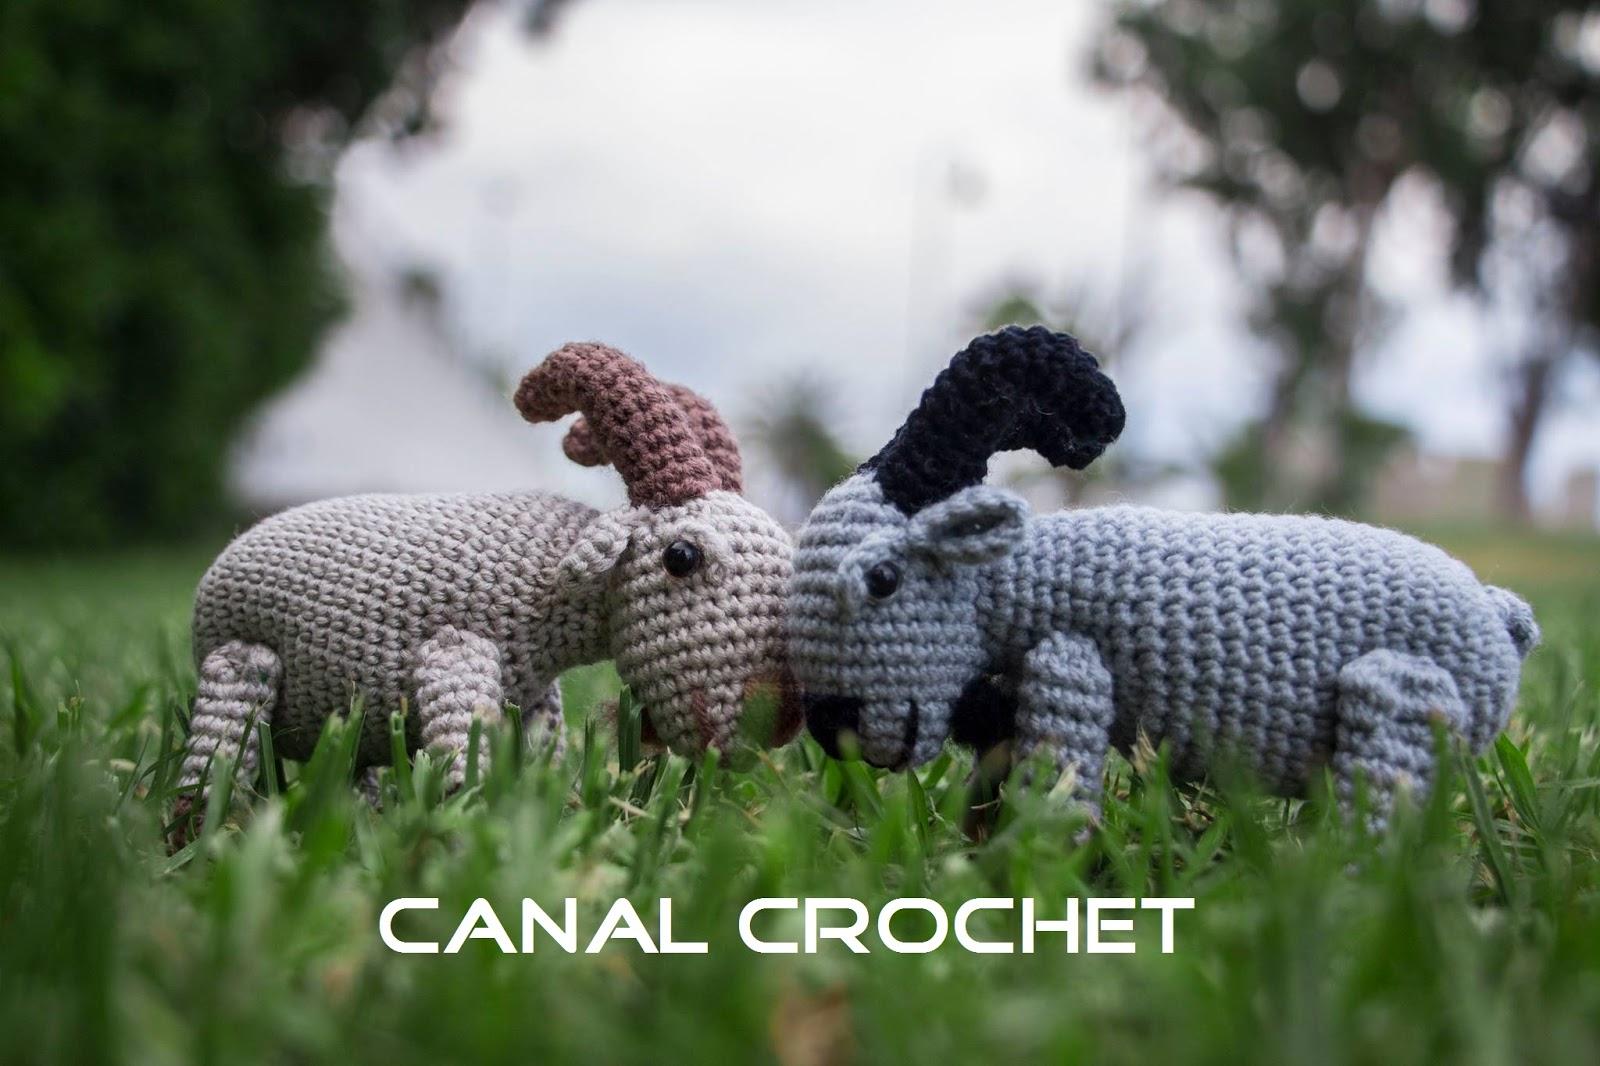 CANAL CROCHET: Carnero amigurumi patrón libre.